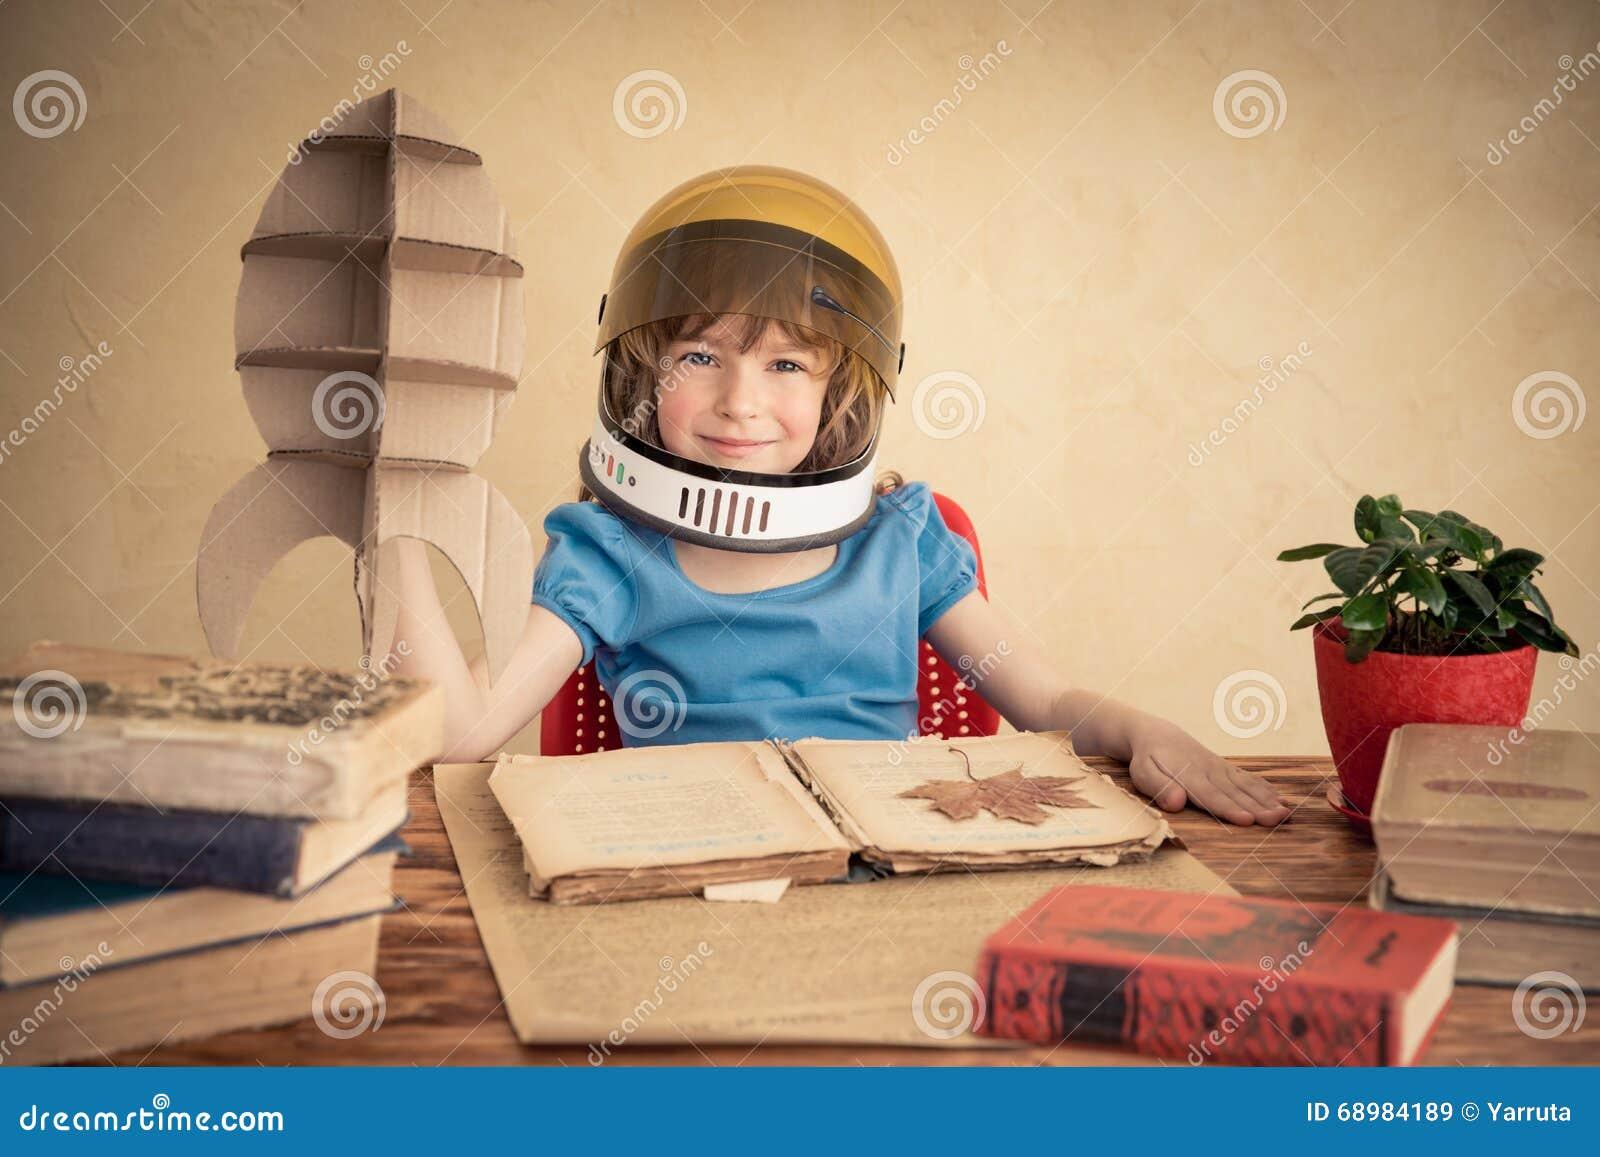 Παιχνίδι παιδιών με τον πύραυλο παιχνιδιών χαρτονιού